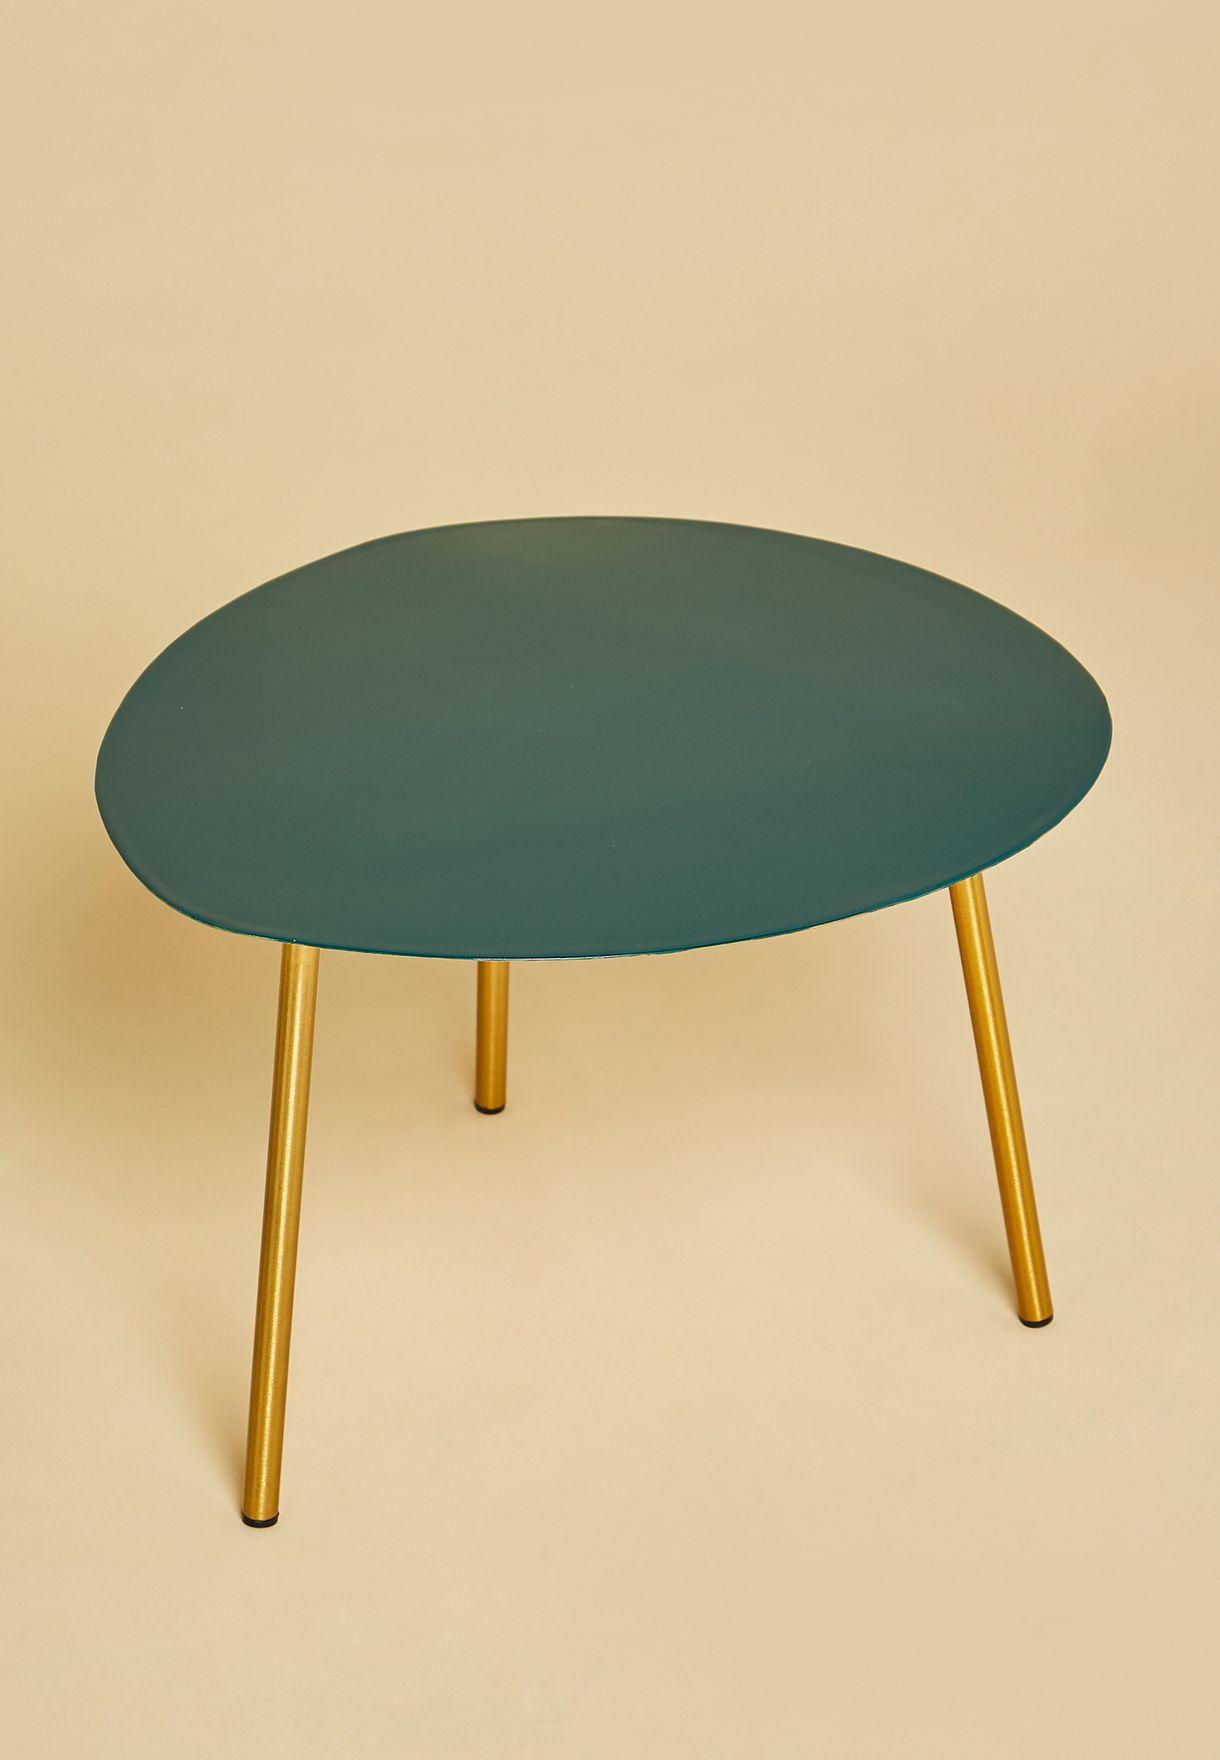 طاولة جانبية صغيرة